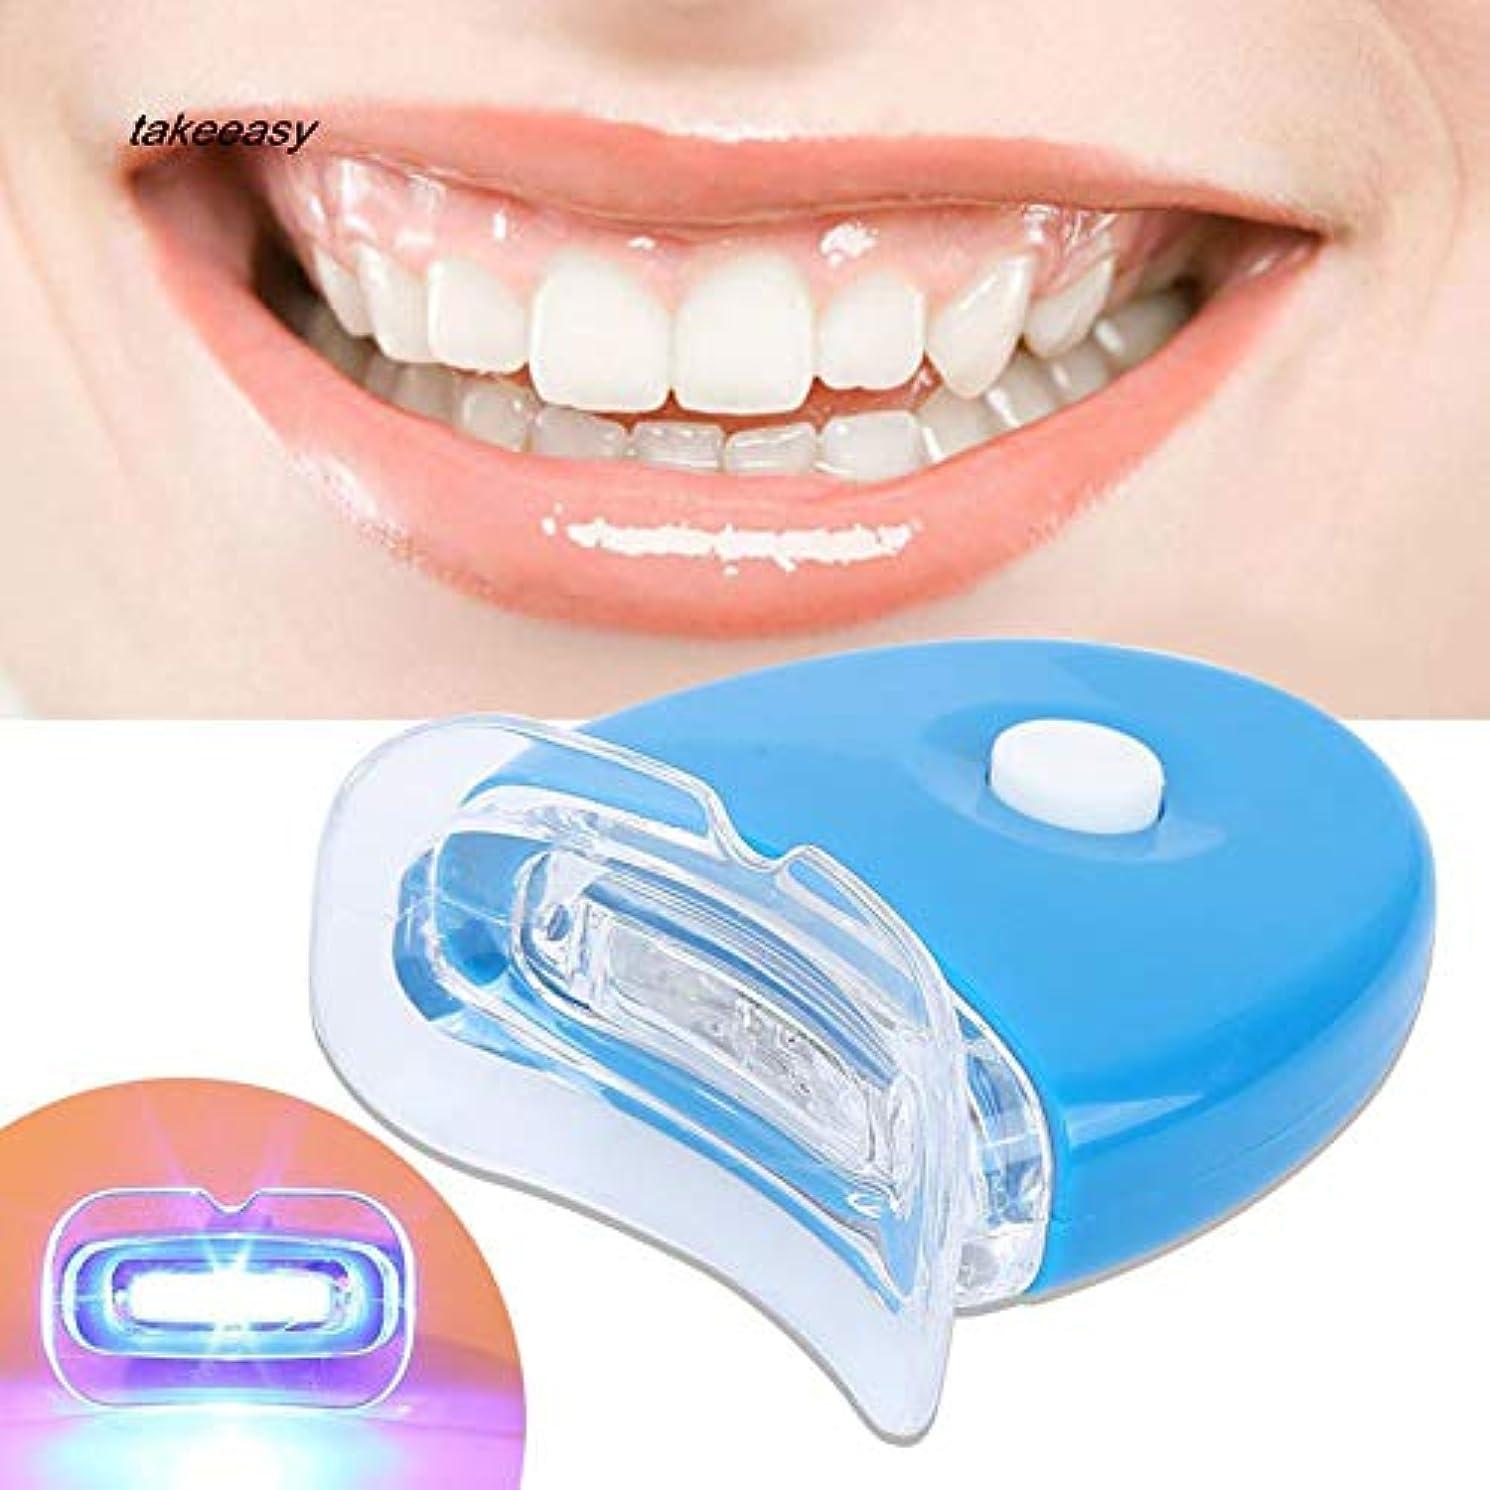 バレーボールサスペンド知り合いになる歯ホワイトニング器 歯美白器 美歯器 ホワイトニング ホワイトナー ケア 歯の消しゴム 歯科機器 口腔ゲルキット ライト付き 歯を白くする